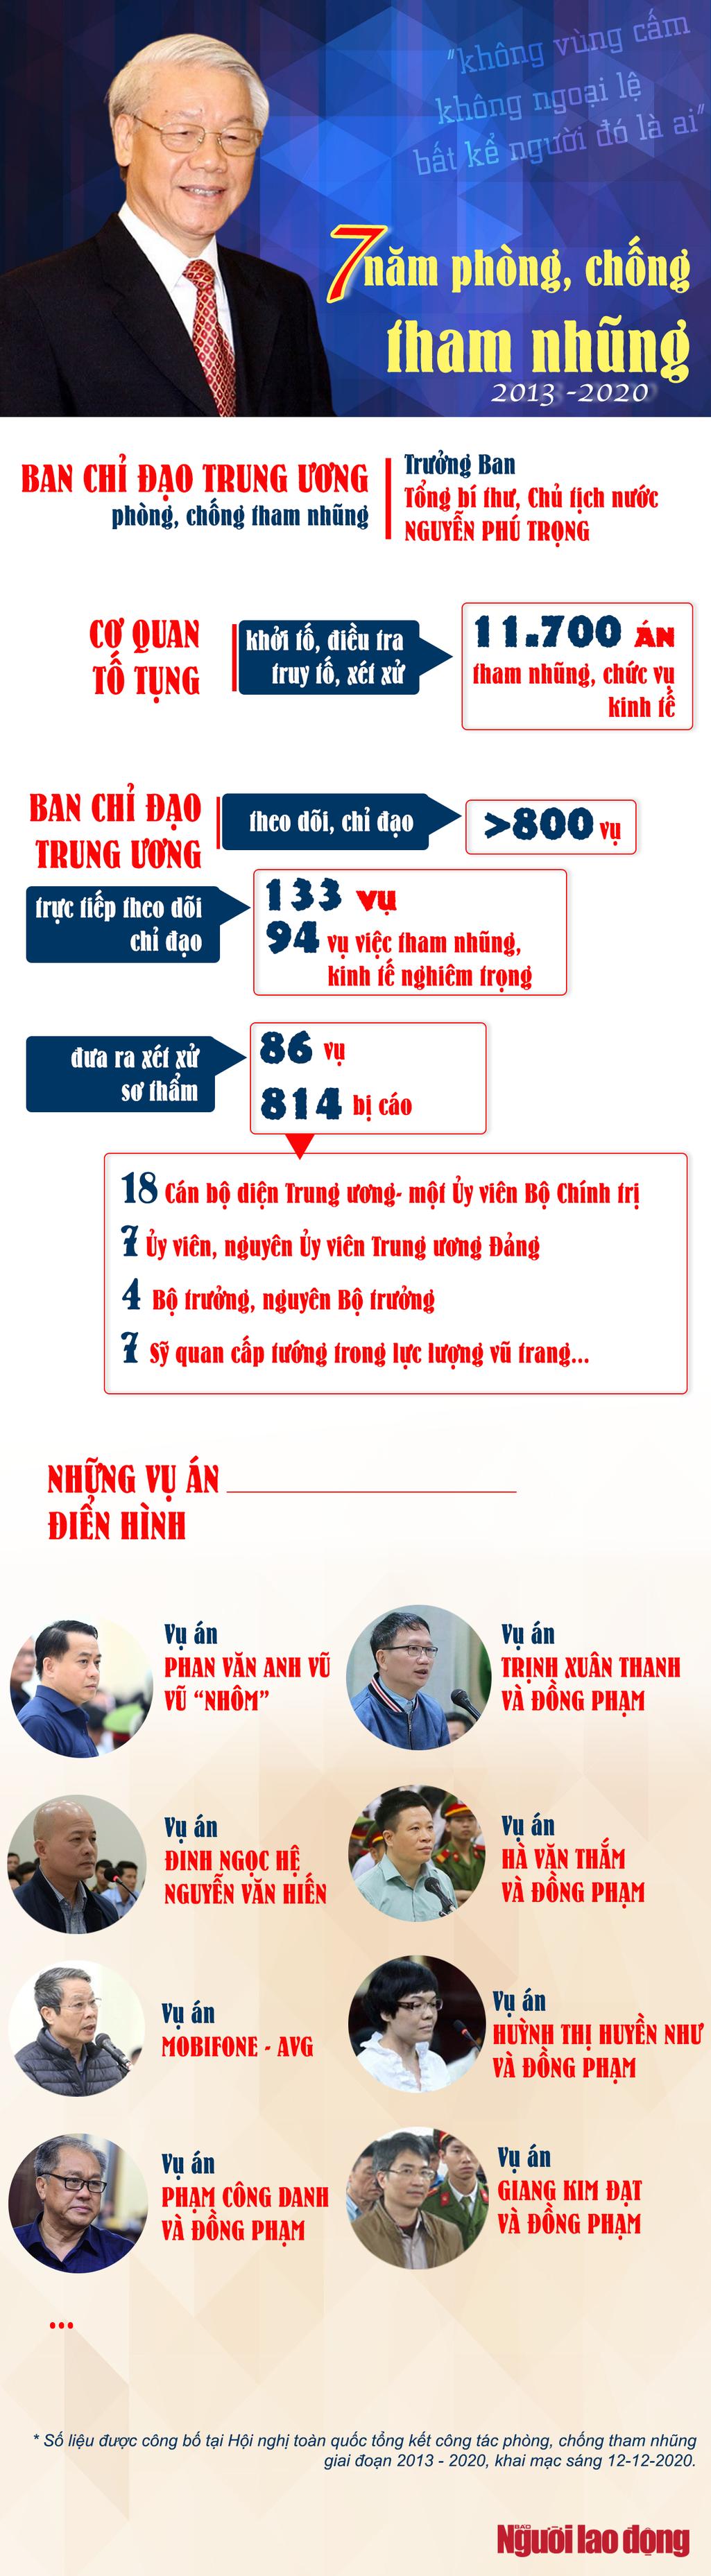 [Infographic] Những con số thể hiện không vùng cấm trong chống tham nhũng - Ảnh 1.